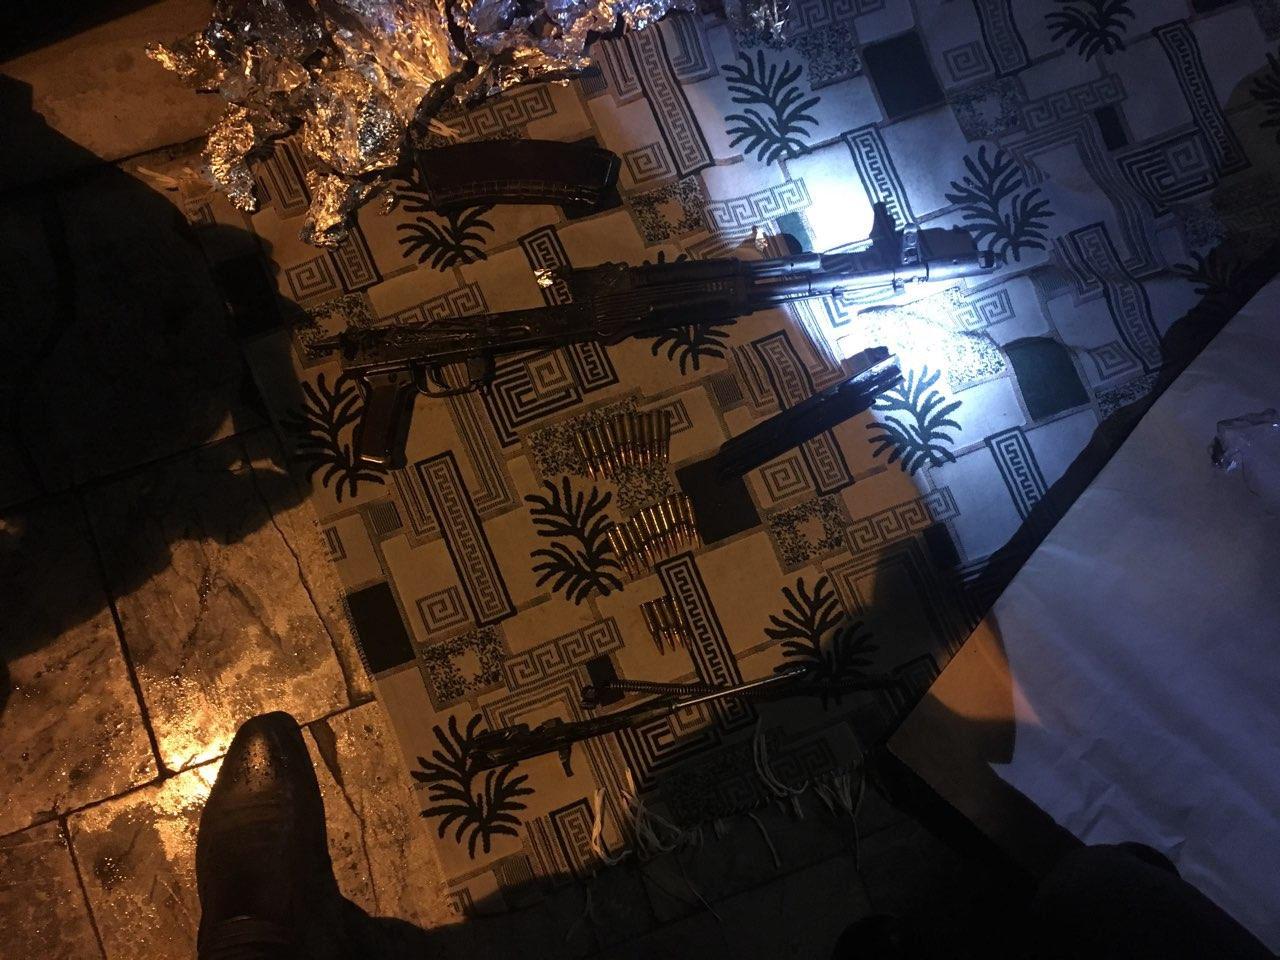 Руководитель ОПГ, занимавшейся реализацией оружия сКавказа, схвачен вКузбассе